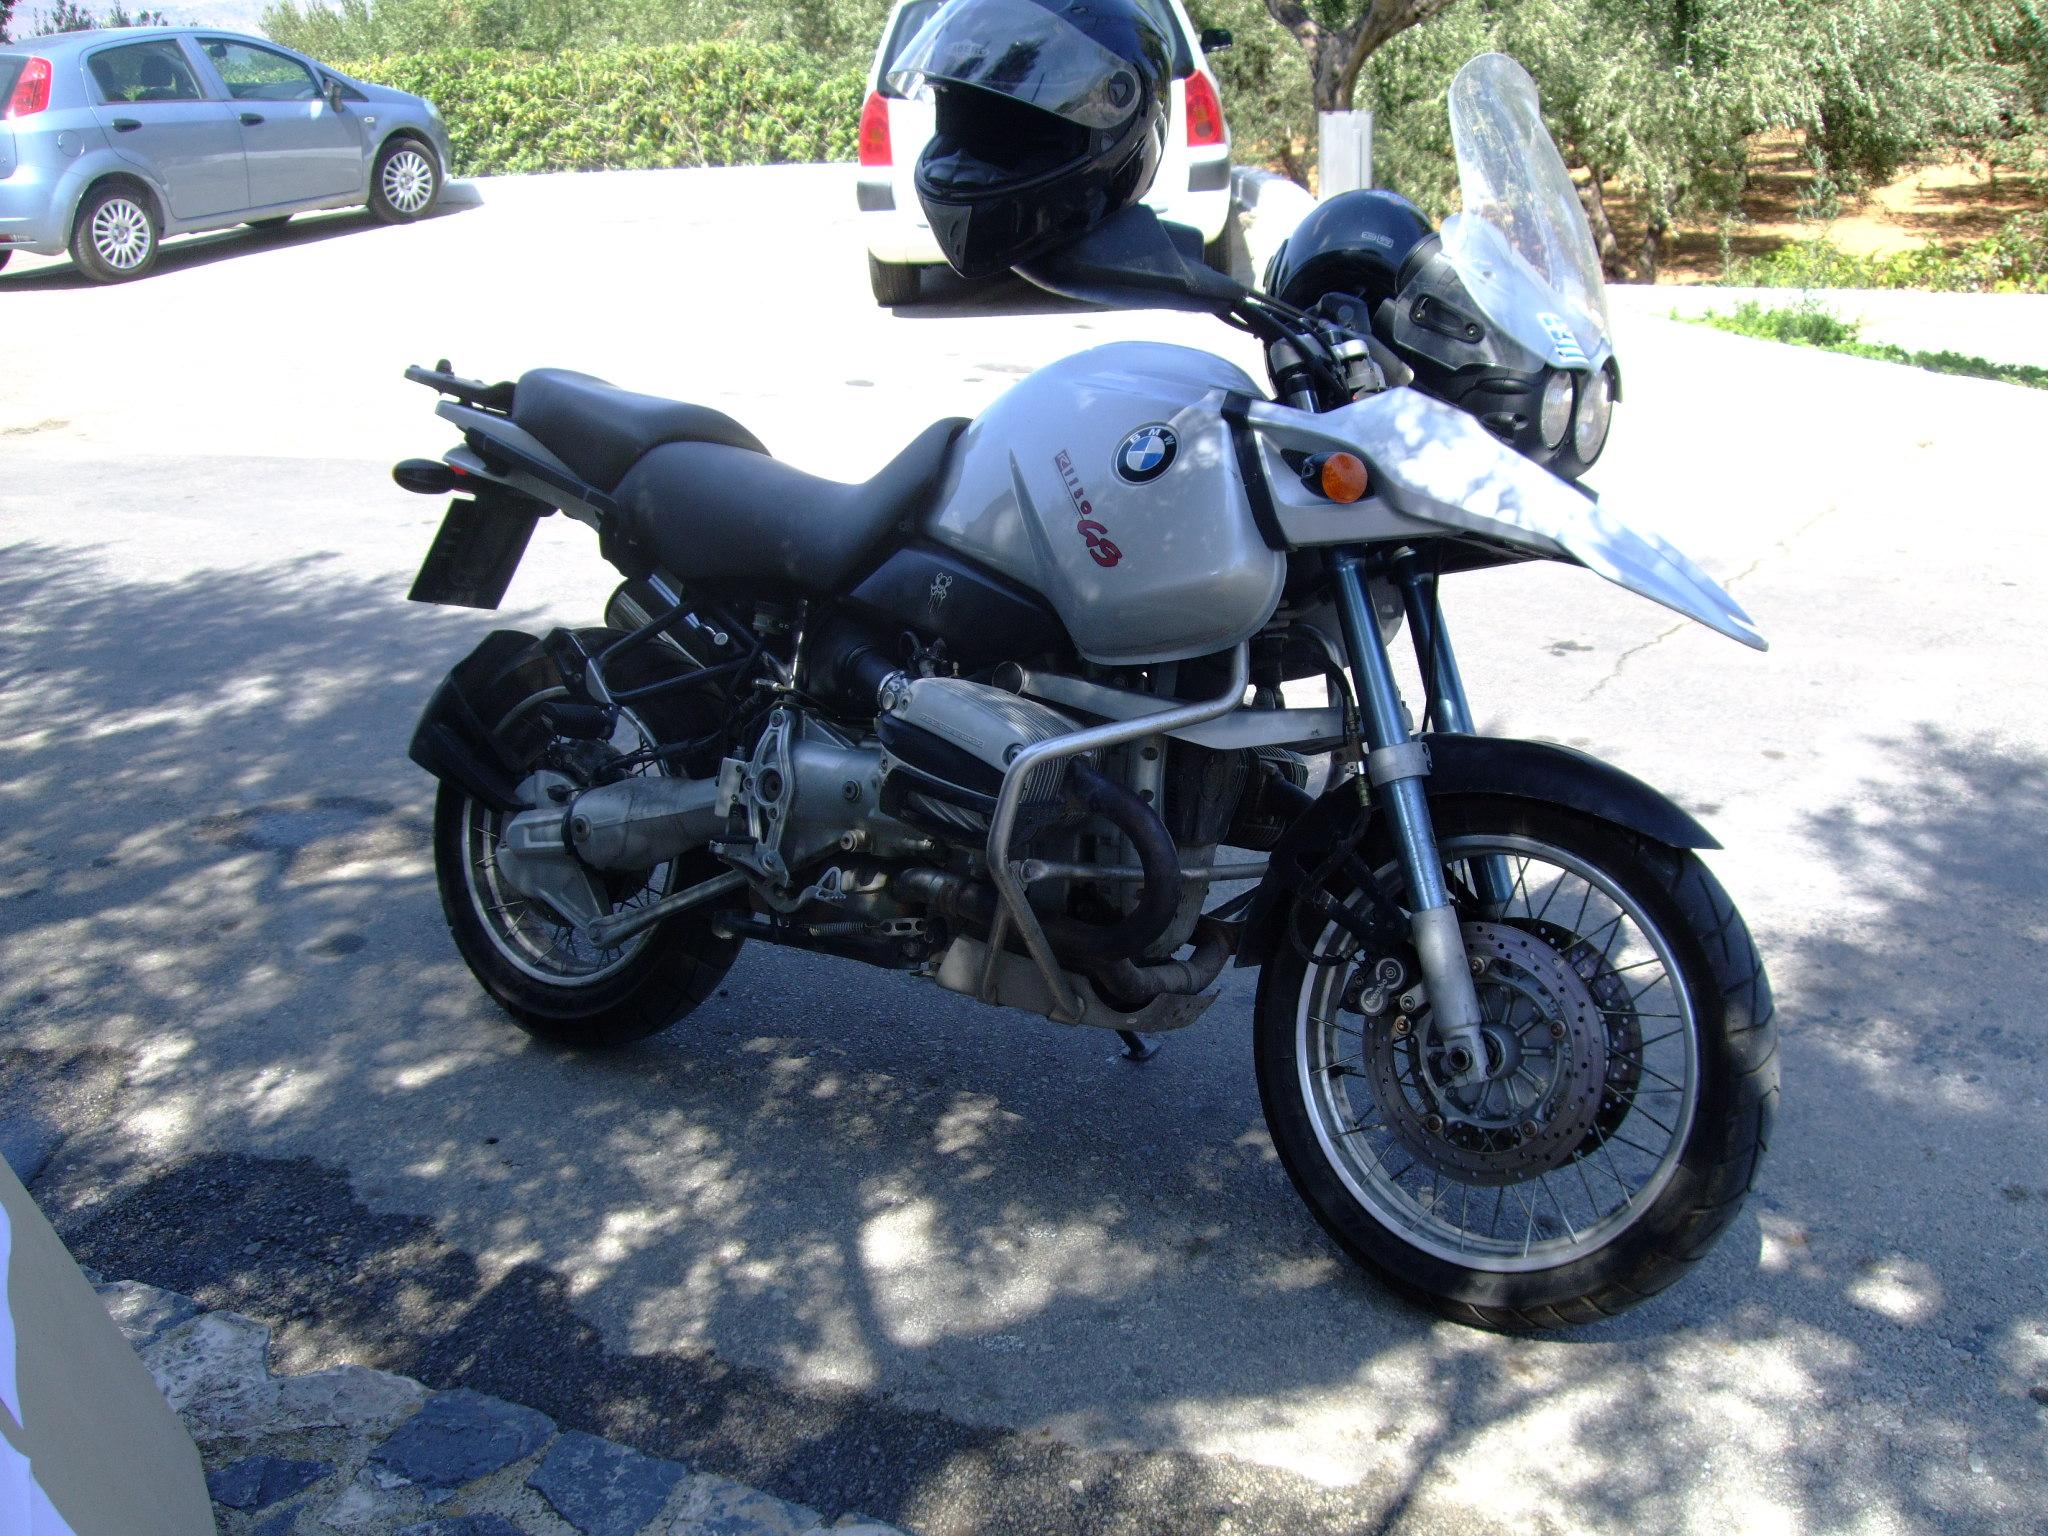 BMW R 1150 silver